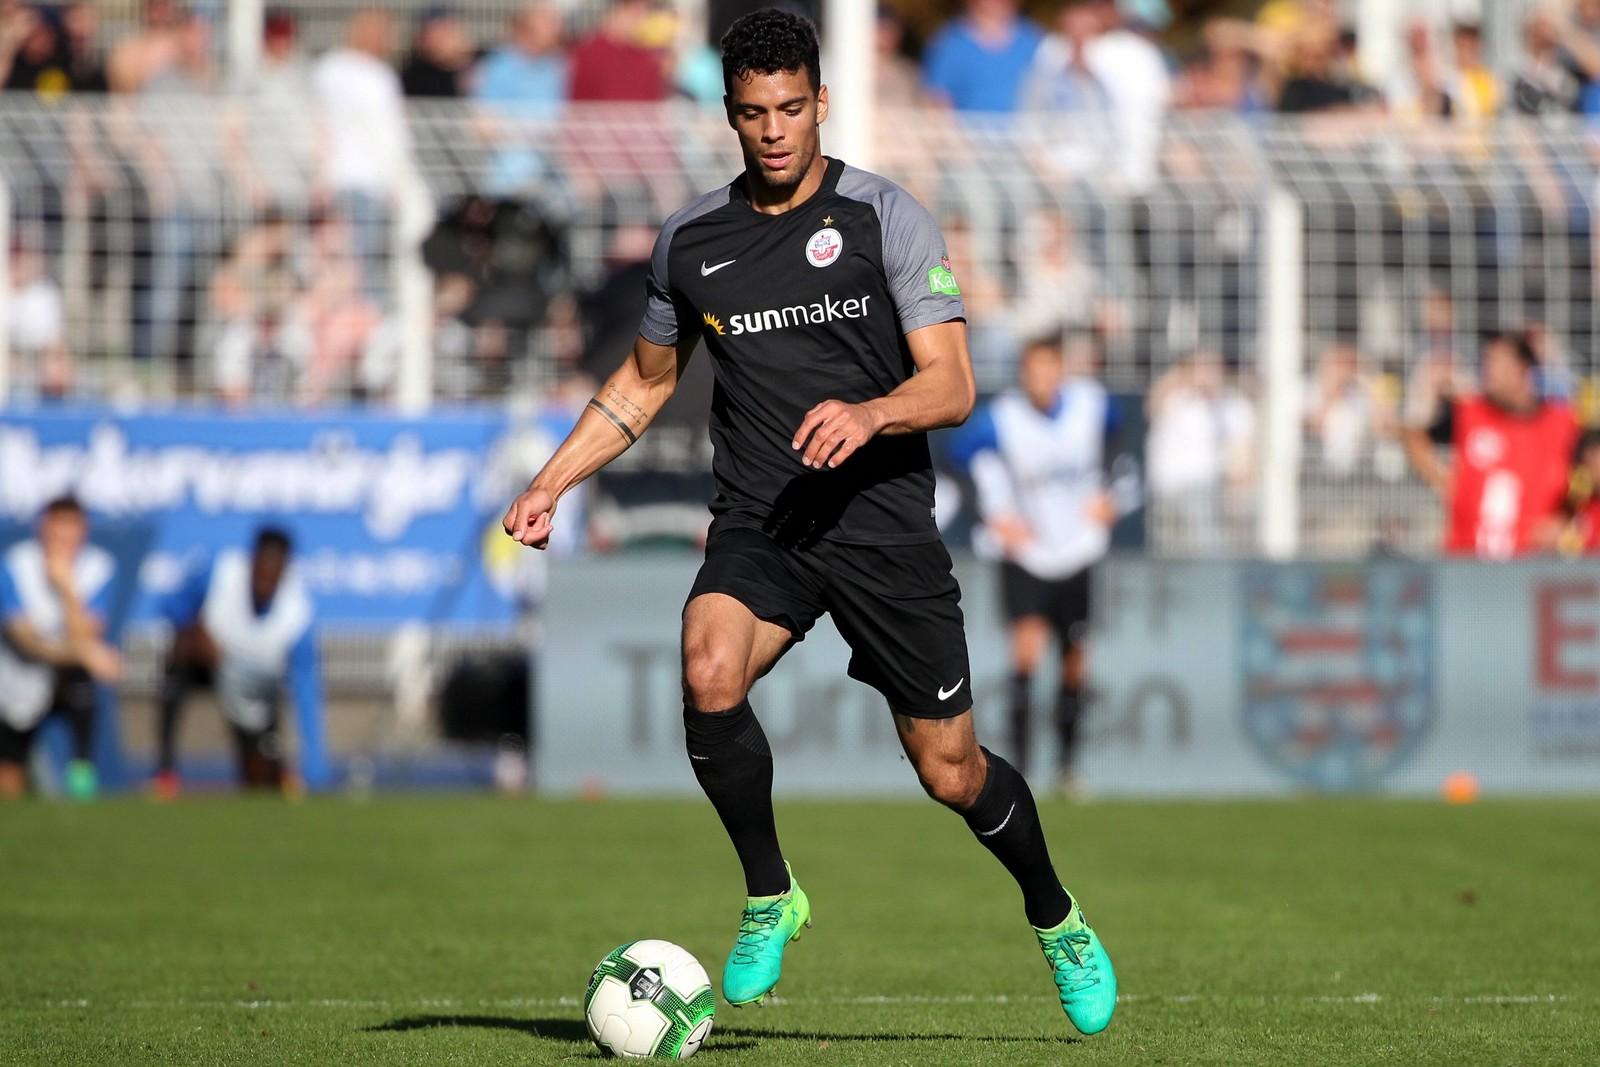 Joshua Nadeau vom FC Hansa Rostock